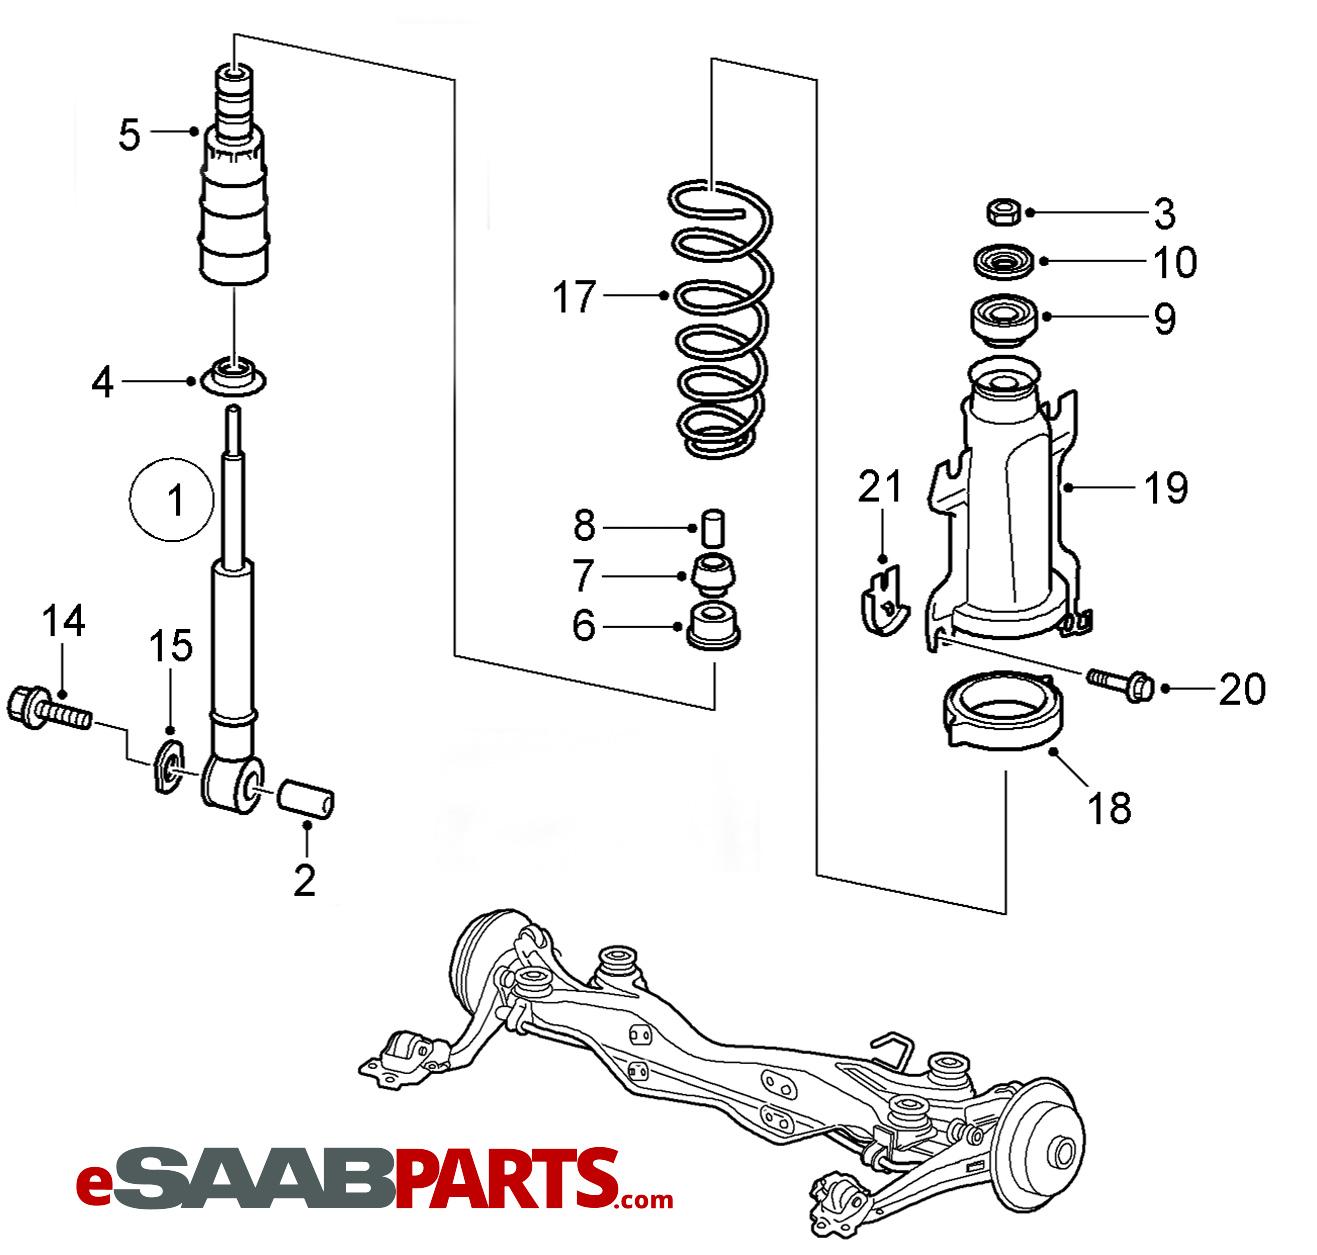 1999 jeep wrangler rear suspension diagram